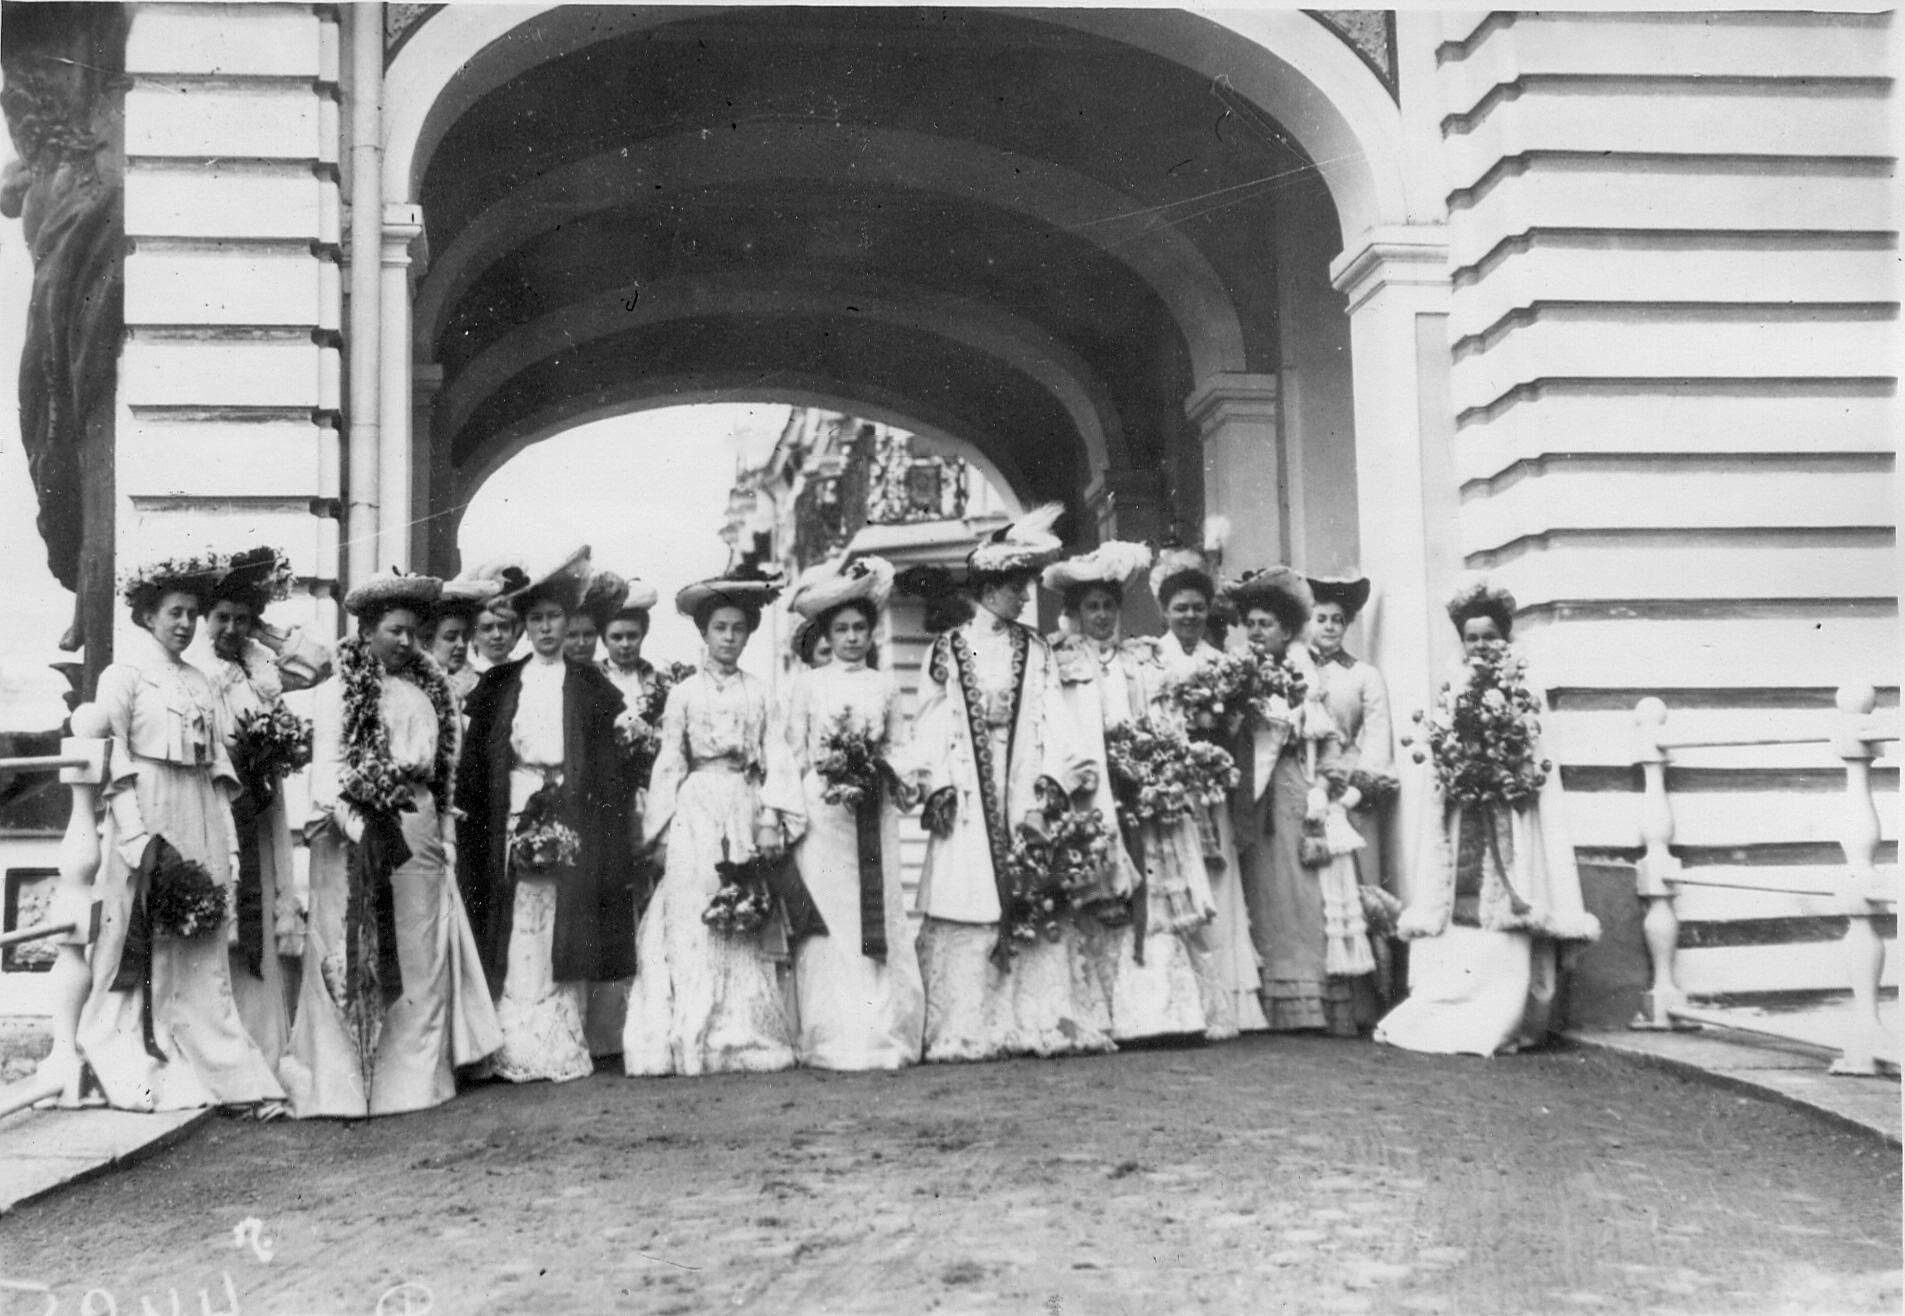 Придворные дамы у подъезда Екатерининского дворца наблюдают за парадом лейб-гвардии стрелковой бригады